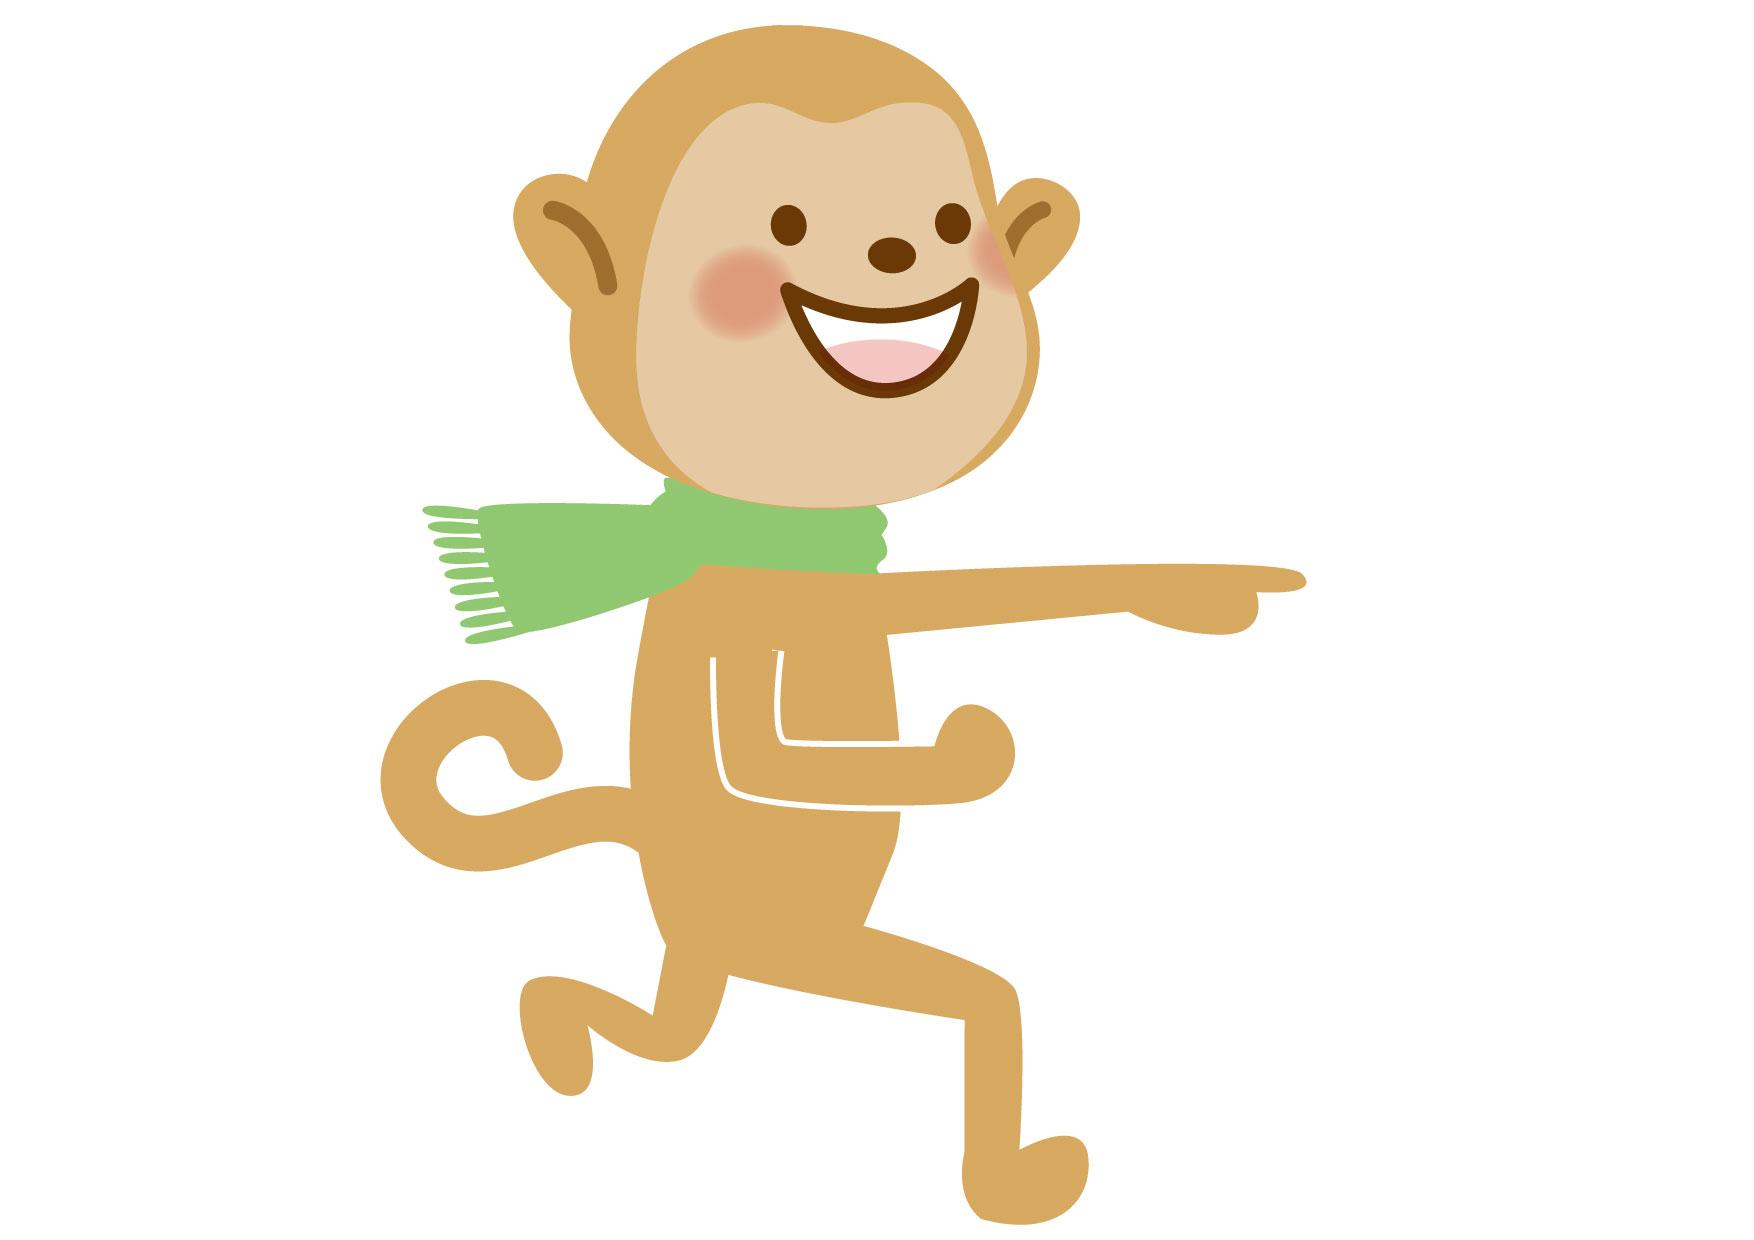 可愛いイラスト無料|猿 子供2 − free illustration Monkey child